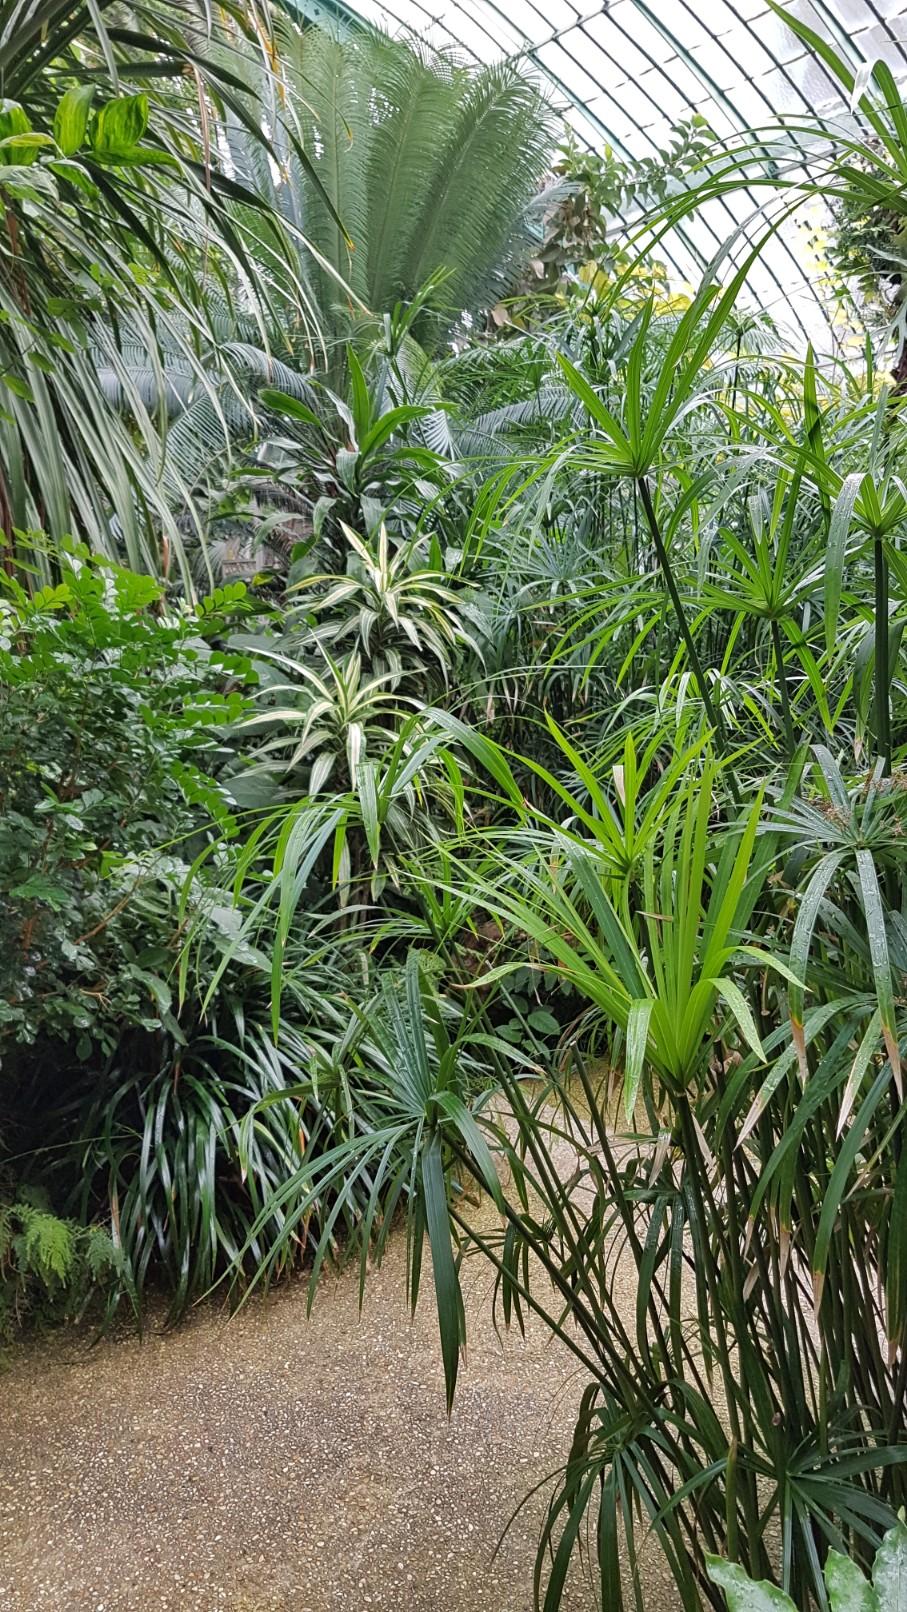 (75) Jardin des serres d'Auteuil - Paris 20181162